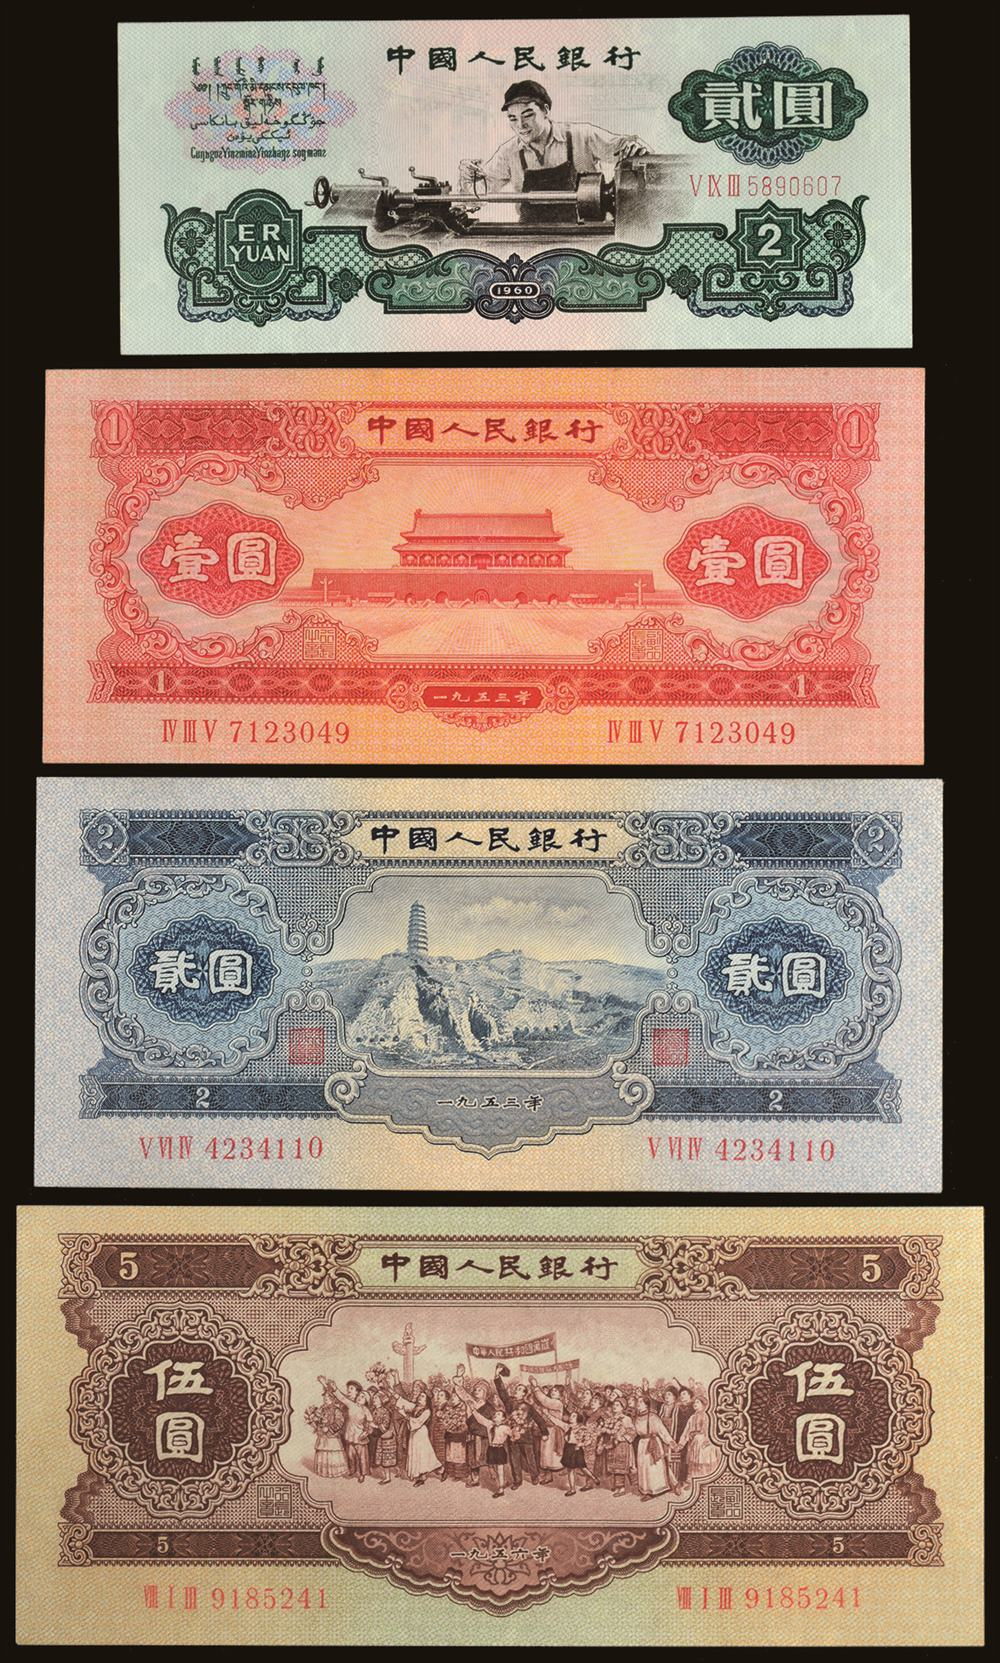 第二版人民币红壹圆、贰圆、1956年伍圆、第三版贰圆车工一组